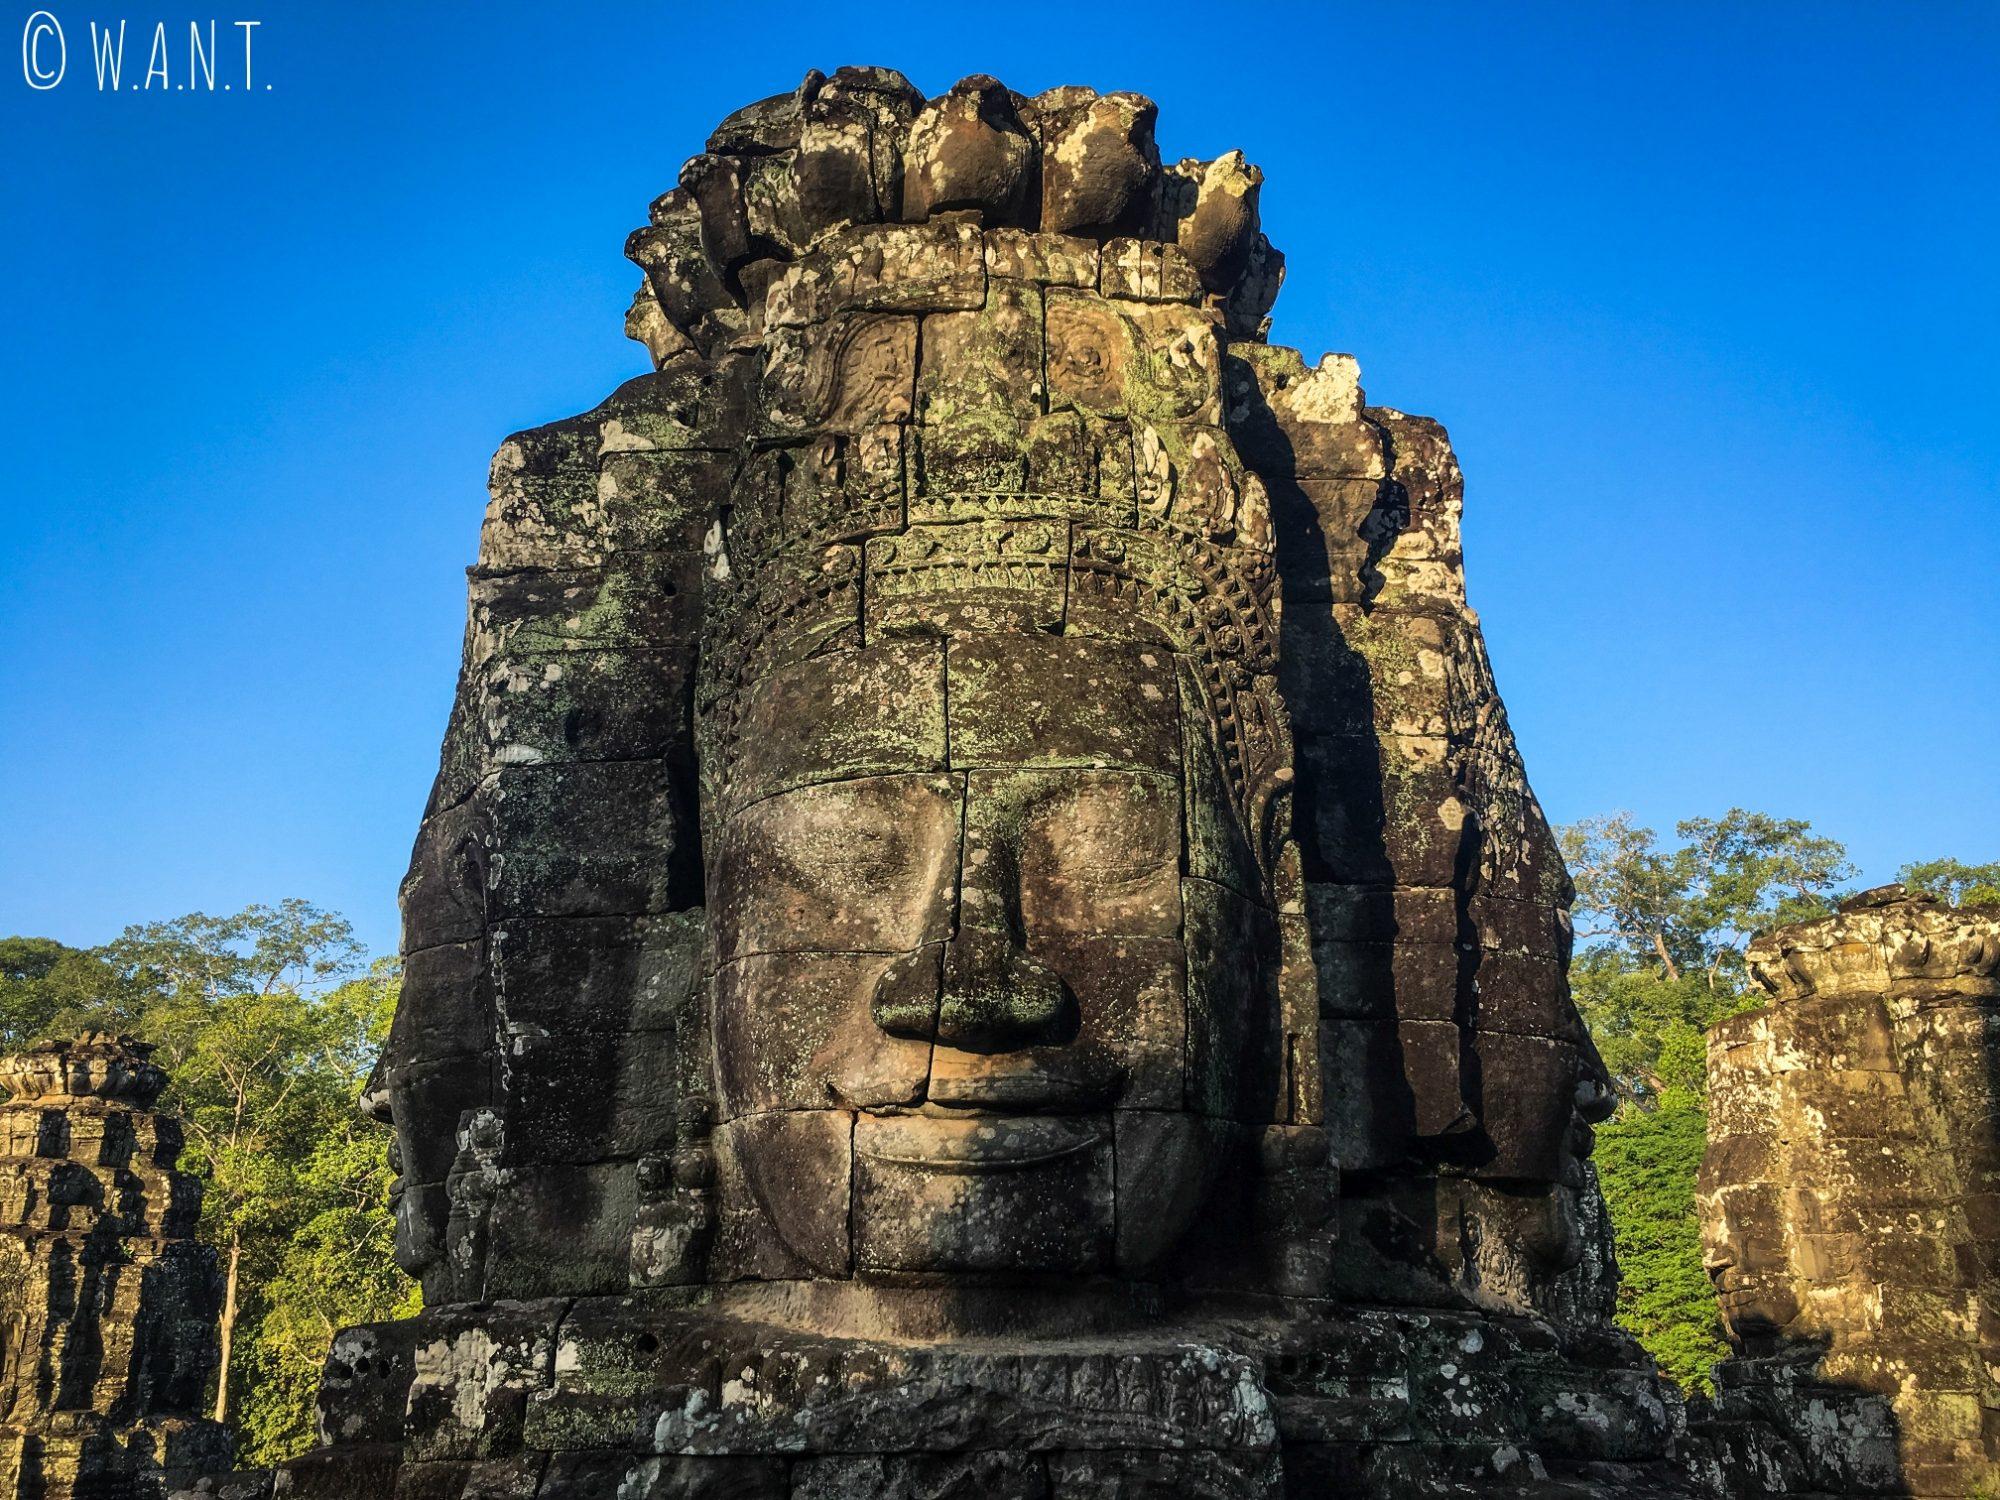 Rayon du soleil sur les visages du temple Bayon à Angkor